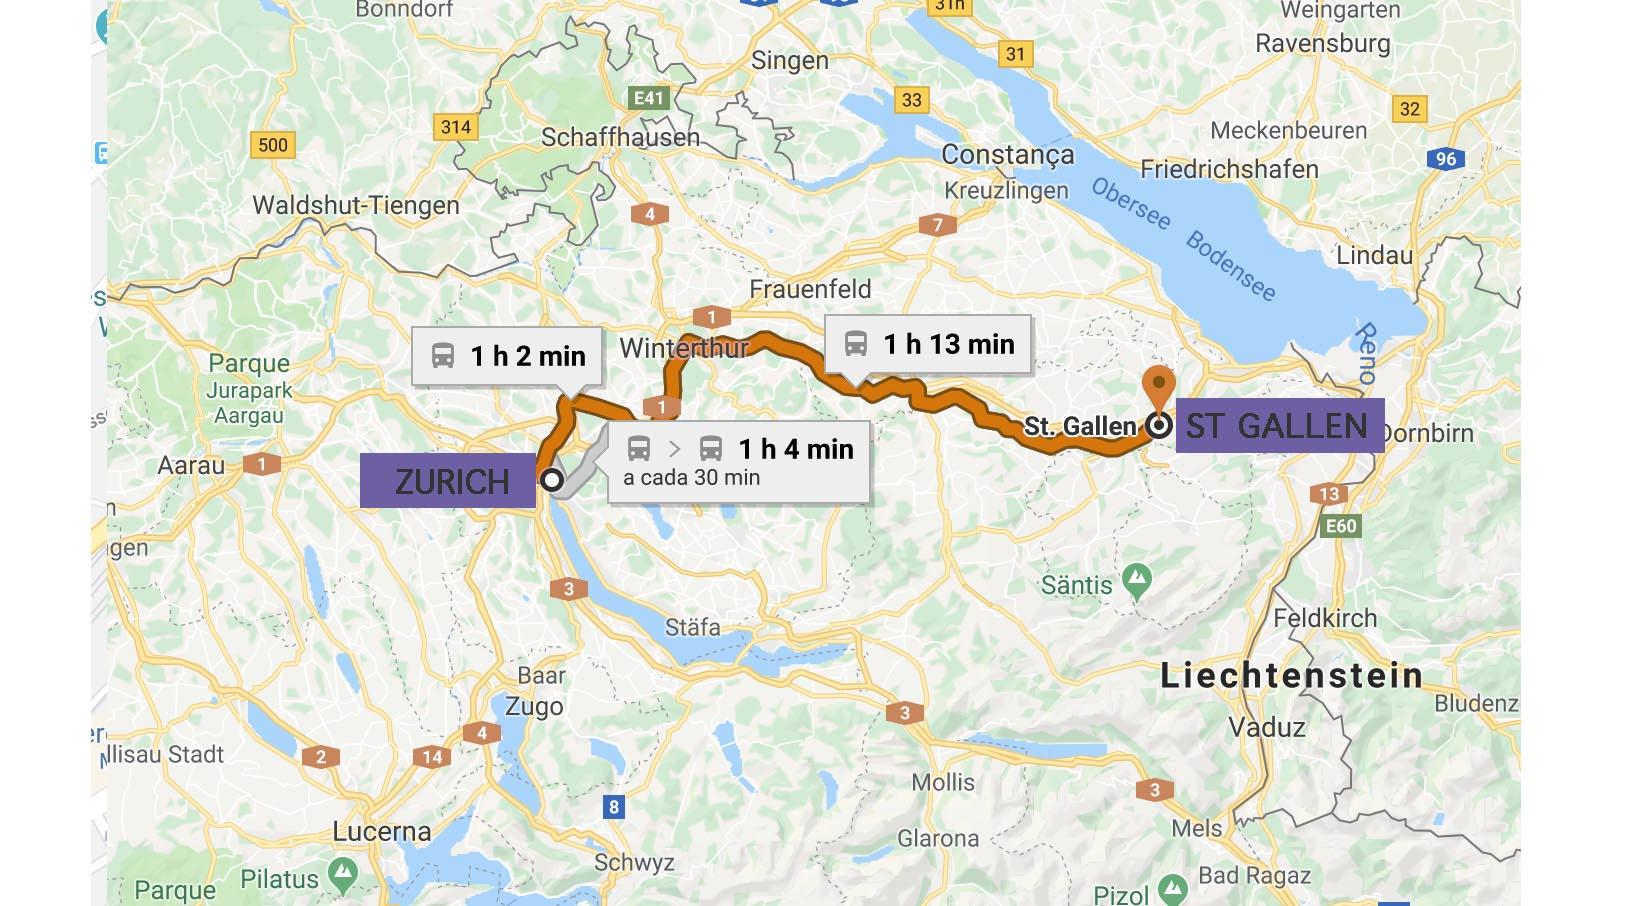 mapa de Zurich a st gallen